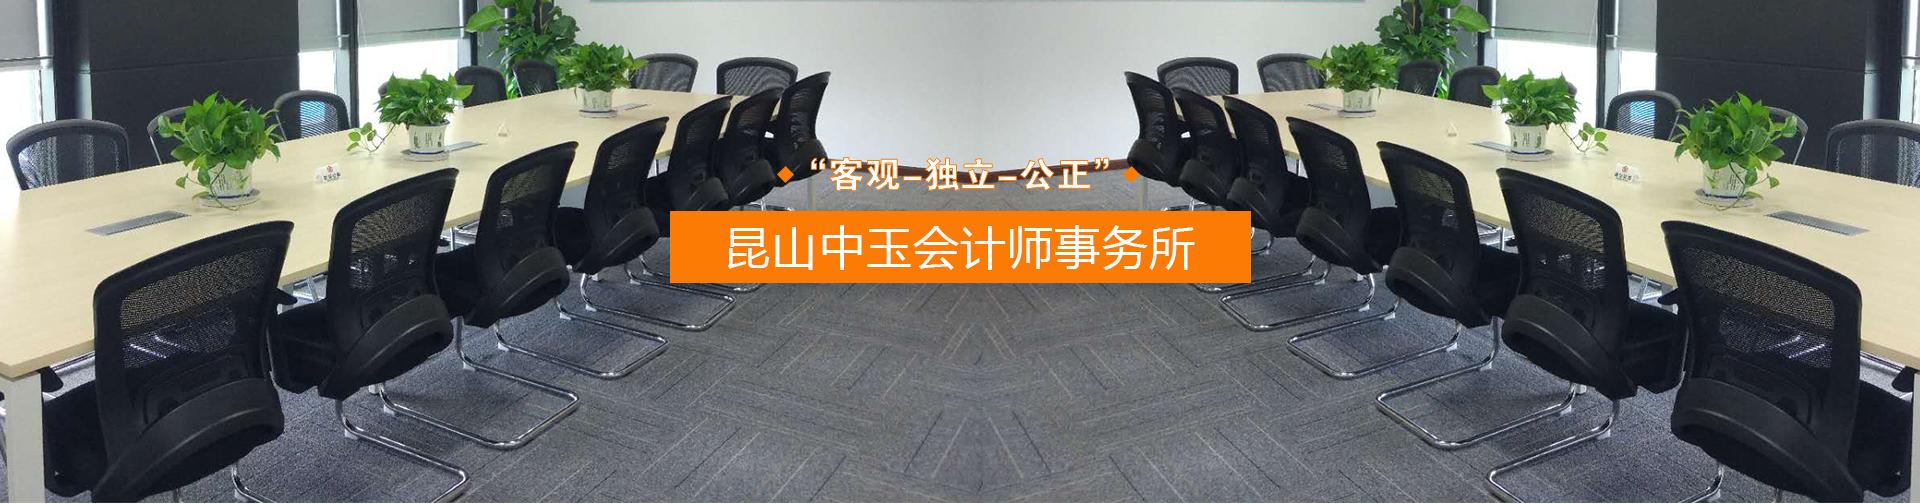 昆山中玉会计师事务所(普通合伙)